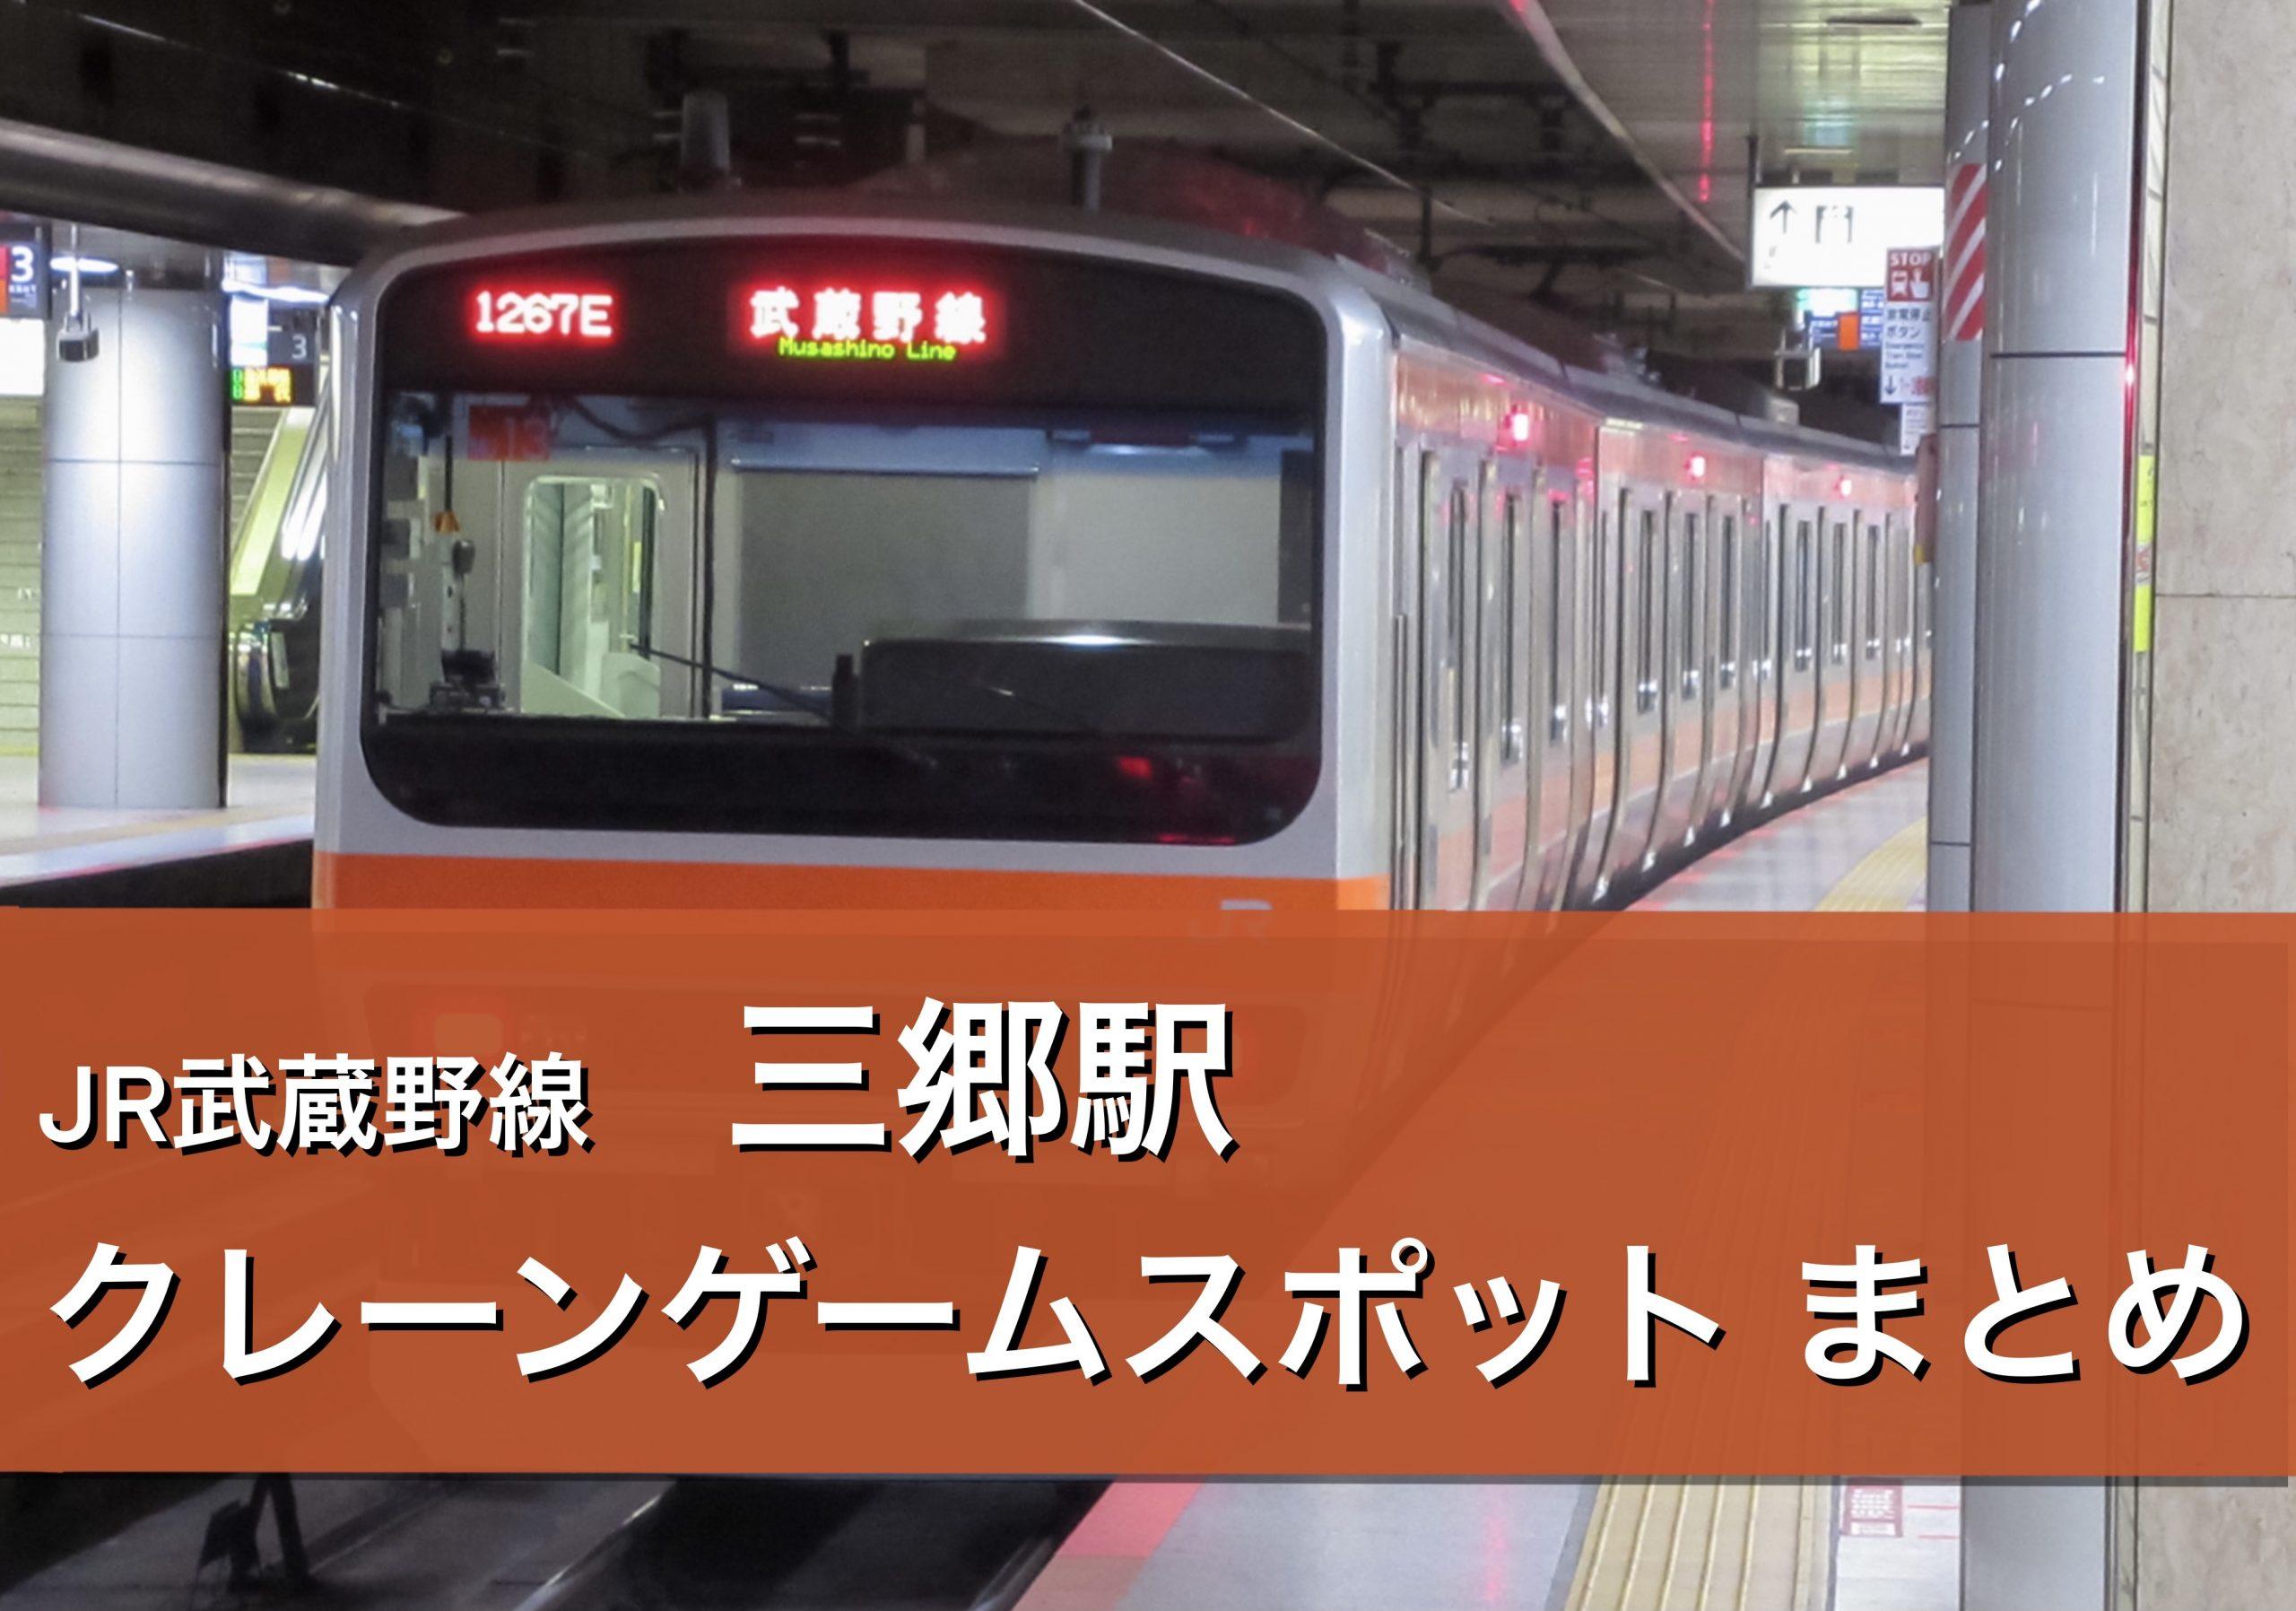 【三郷駅】クレーンゲームができる場所